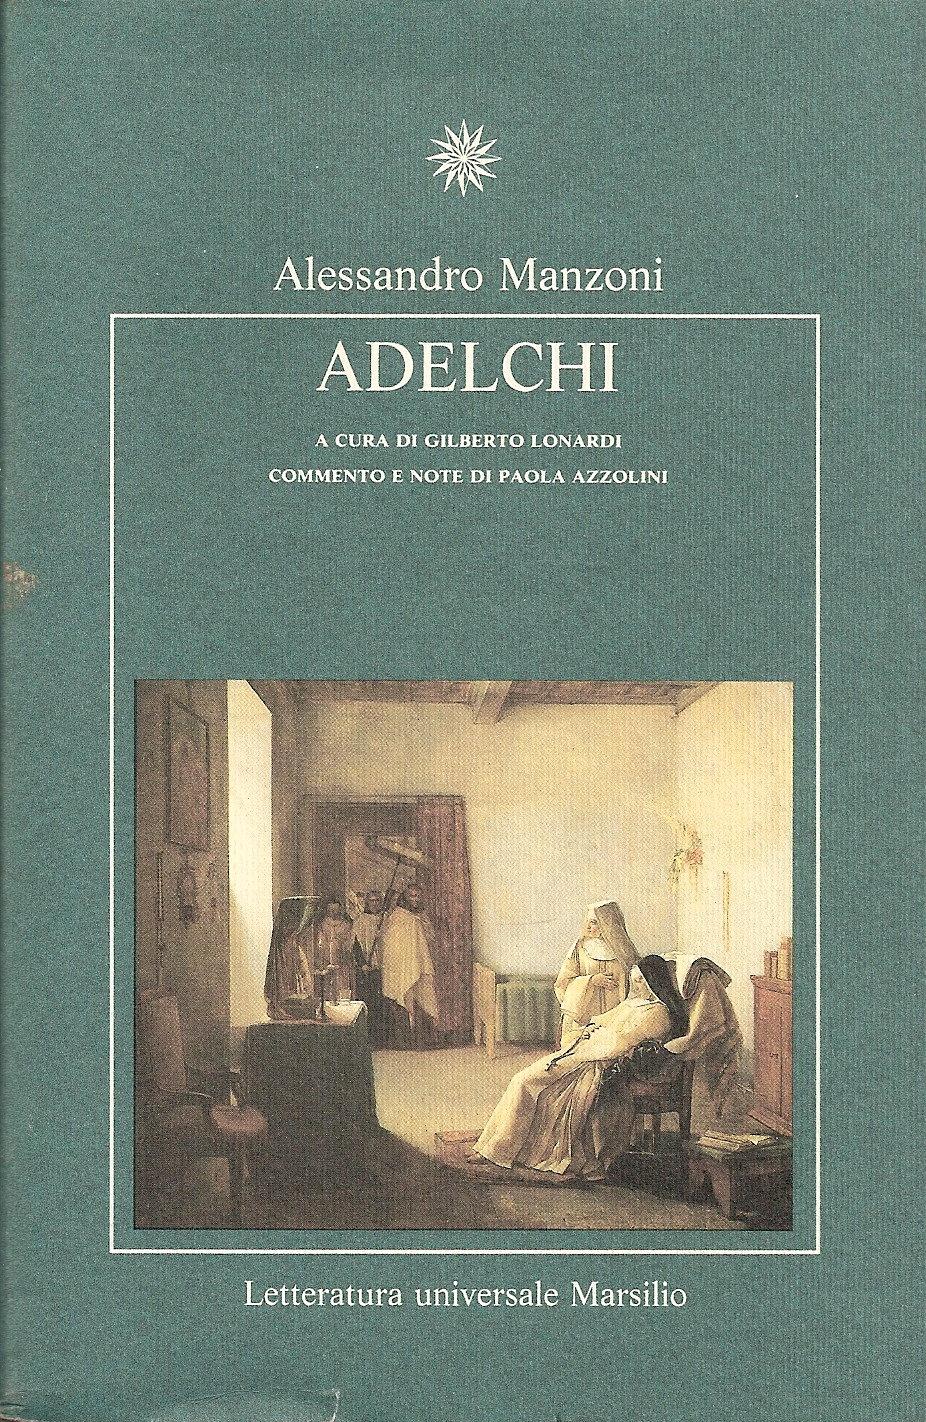 Adelchi, tragedia di Manzoni